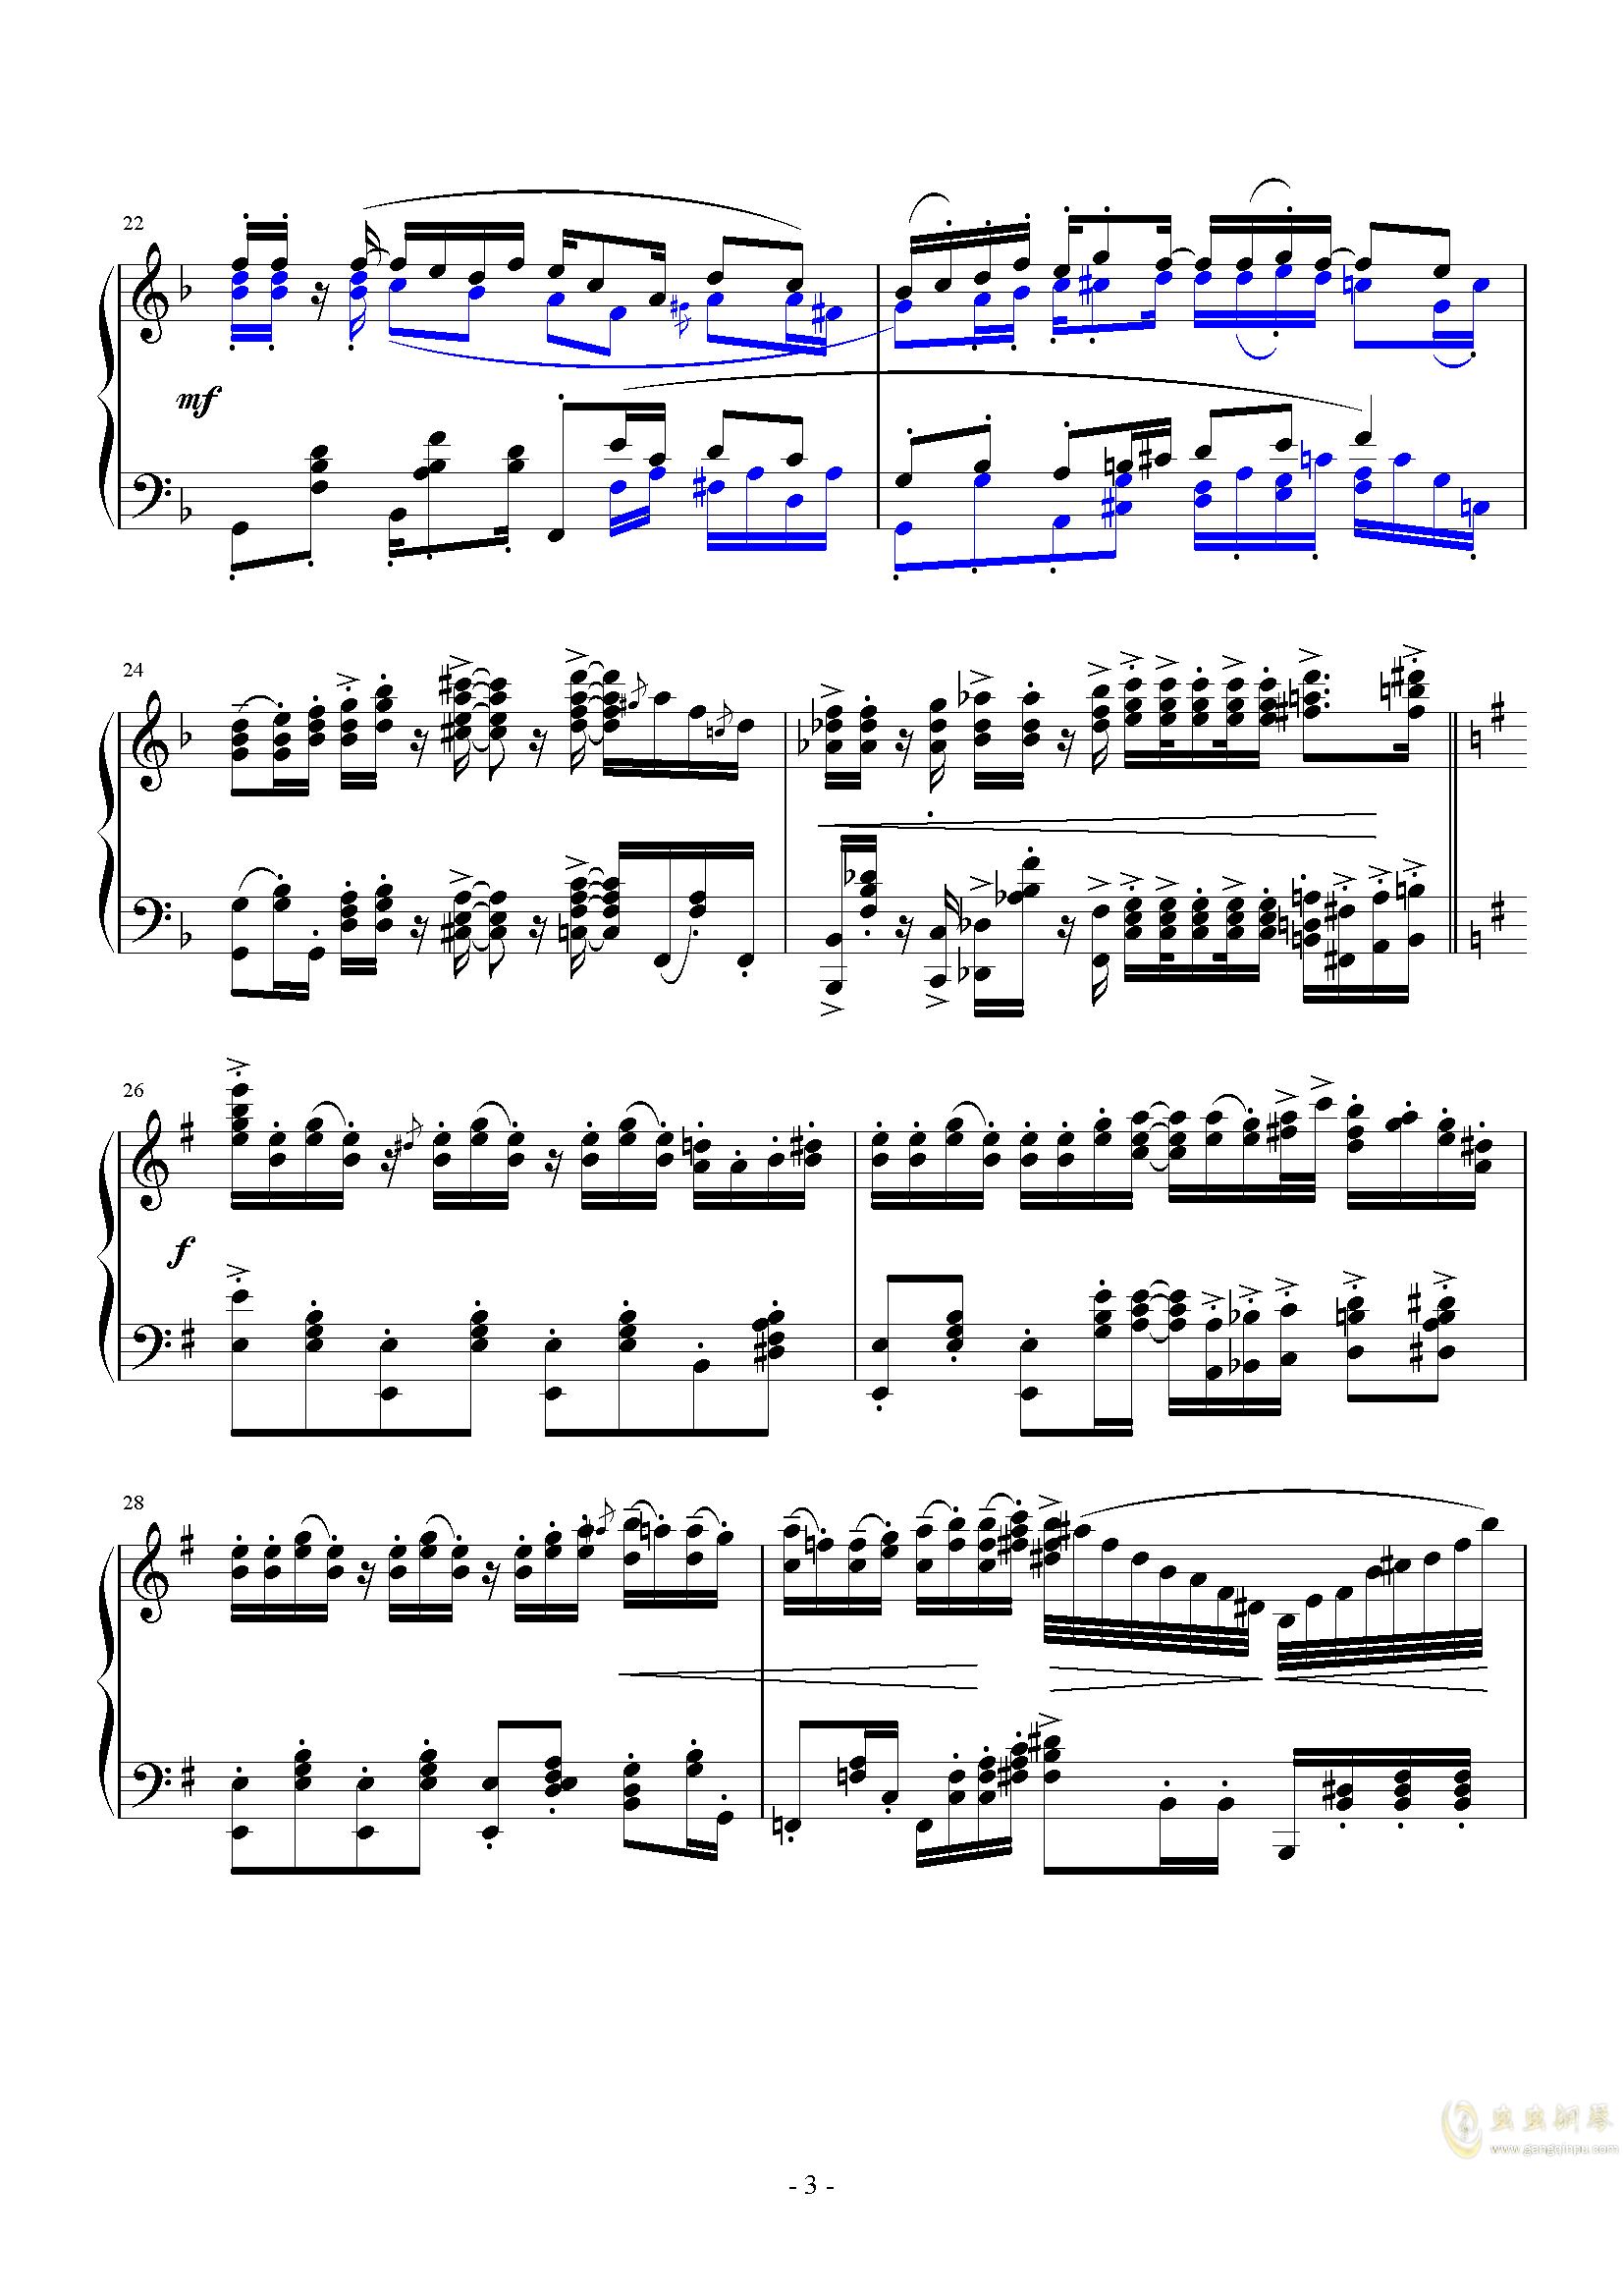 瘋狂小爵士钢琴谱 第3页